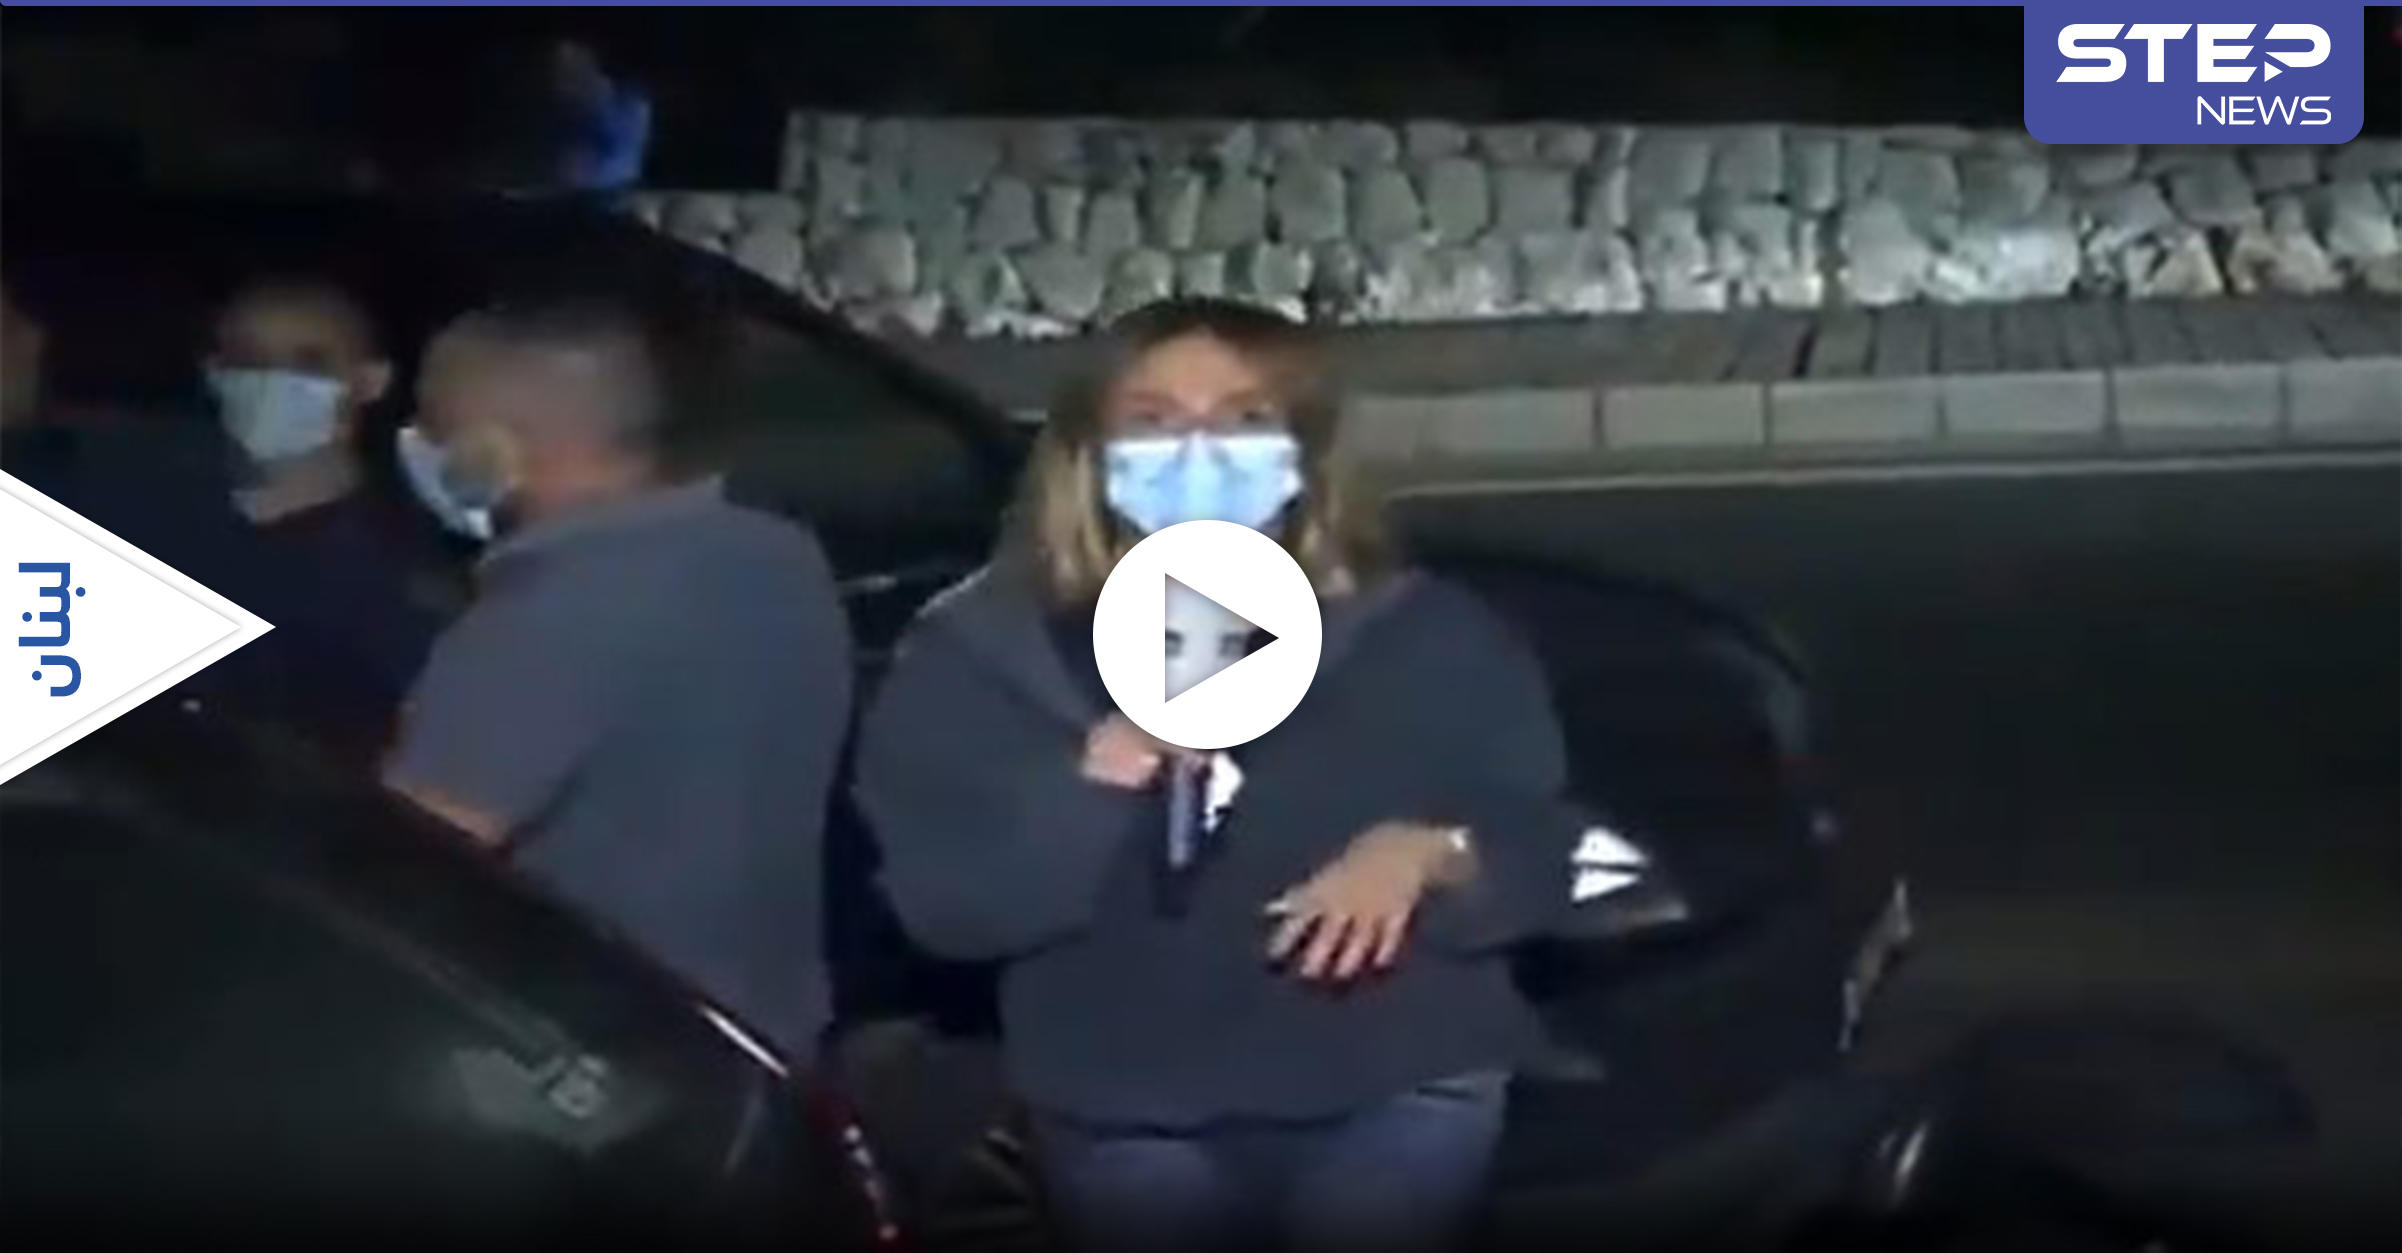 شاهد بالفيديو|| الاعتداء بالضرب على مراسلة لبنانية خلال بث مباشر وثورة مناصرة لها تنطلق على وسائل التواصل